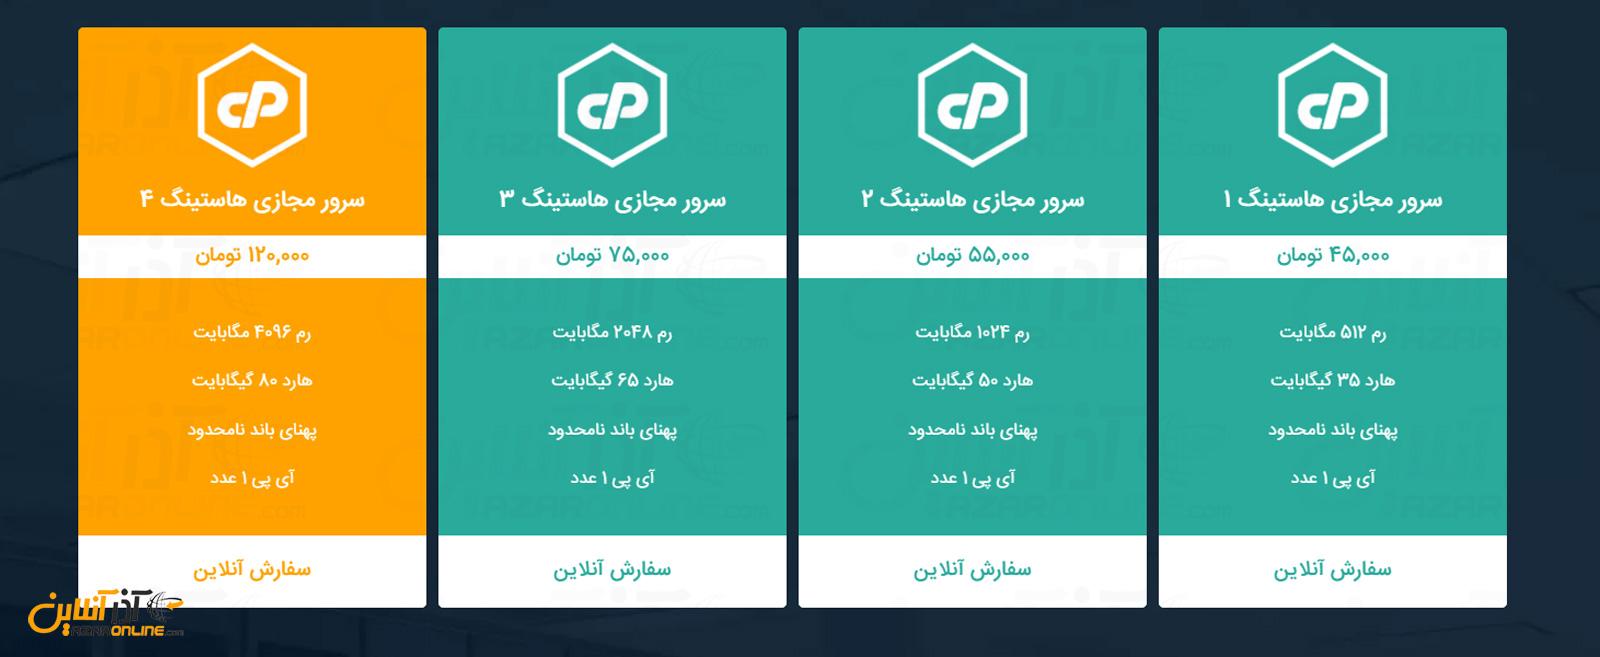 انتخاب پلن مورد نظر جهت خرید سرور مجازی هاستینگ